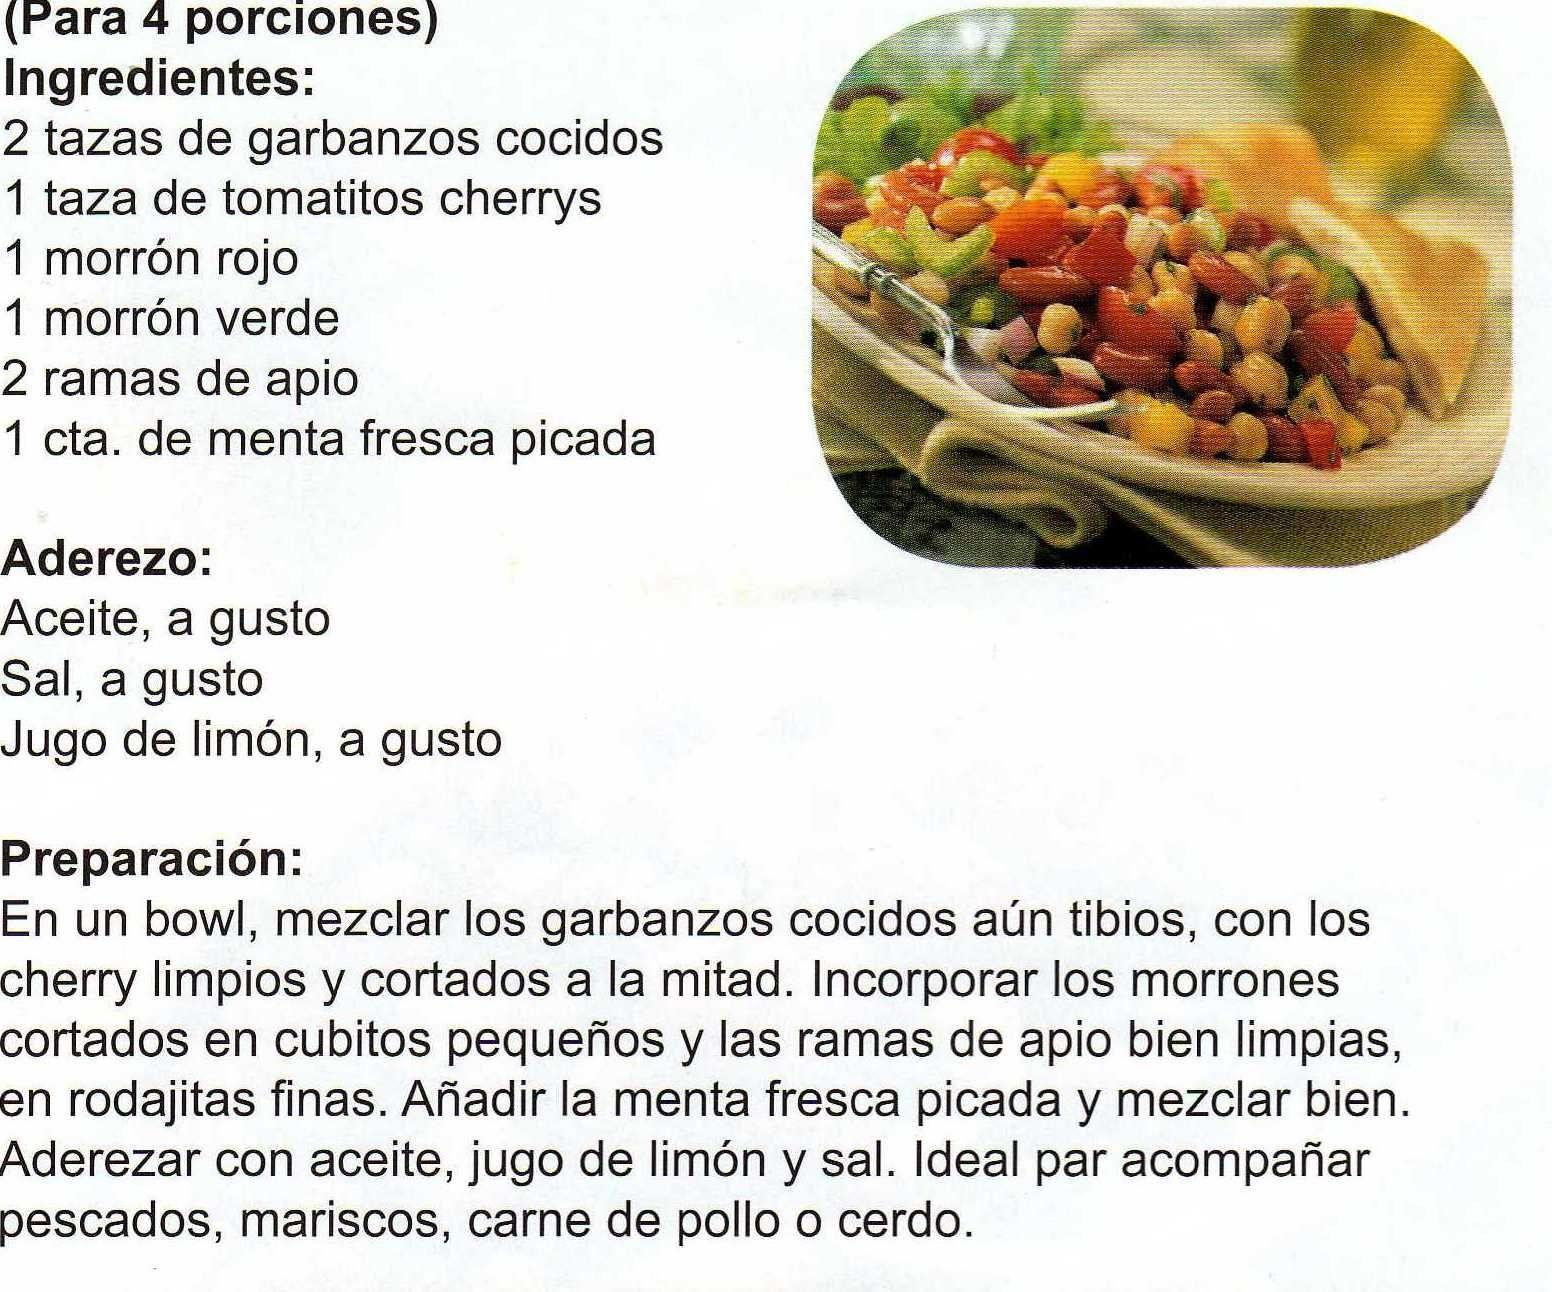 Recetas de cocina recetas de cocina pinterest for Resetas para preparar comida